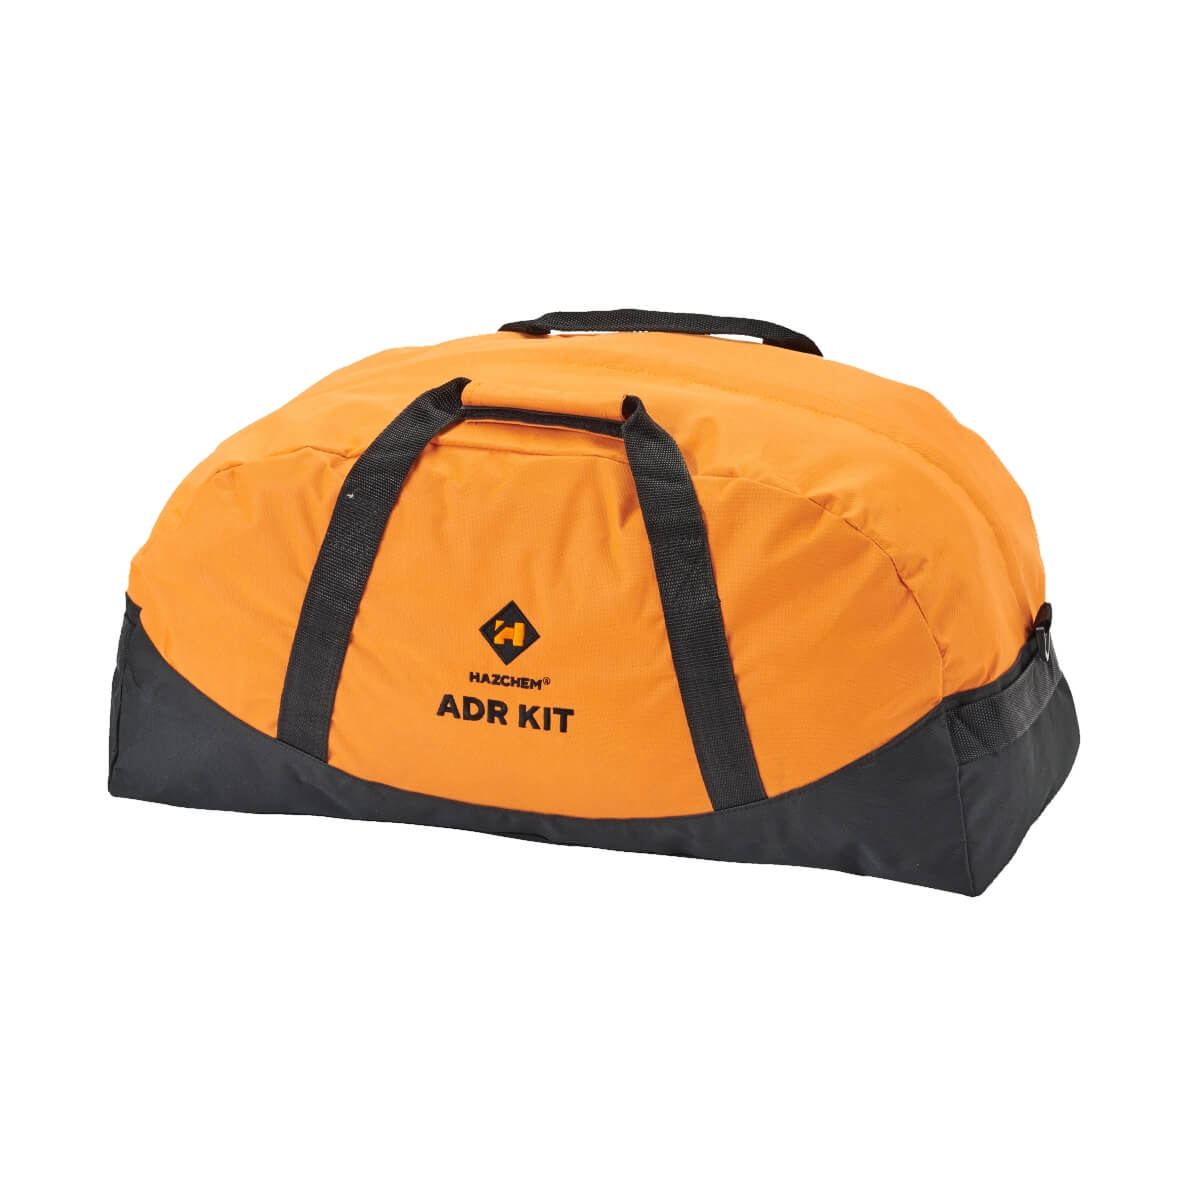 Hazchem ADR Kit Bag (without contents) 65 Litre Capacity